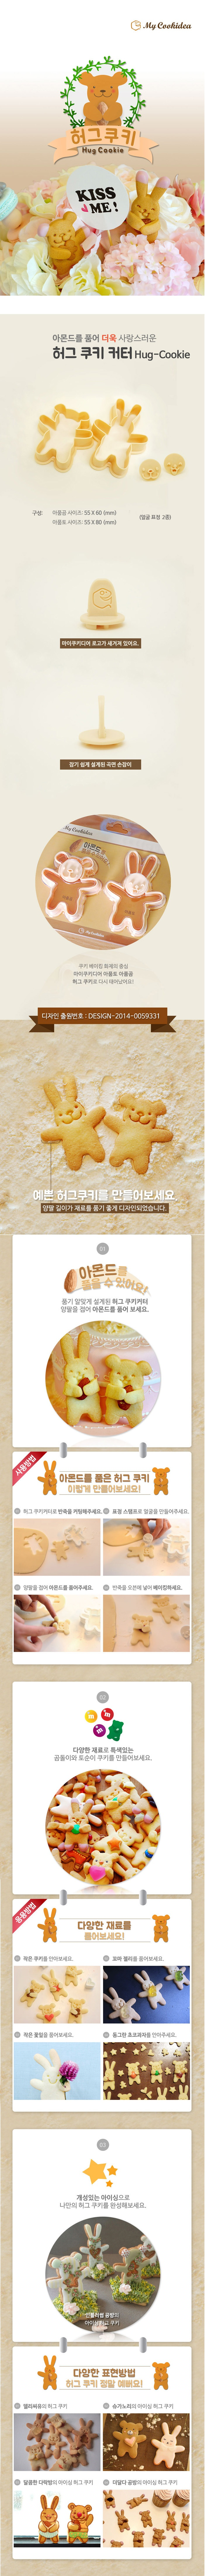 허그쿠키커터세트(아품곰/아품토) no.N3AU0016 - 브레드가든, 5,000원, 홈베이킹, 빵/쿠키/머핀 팬